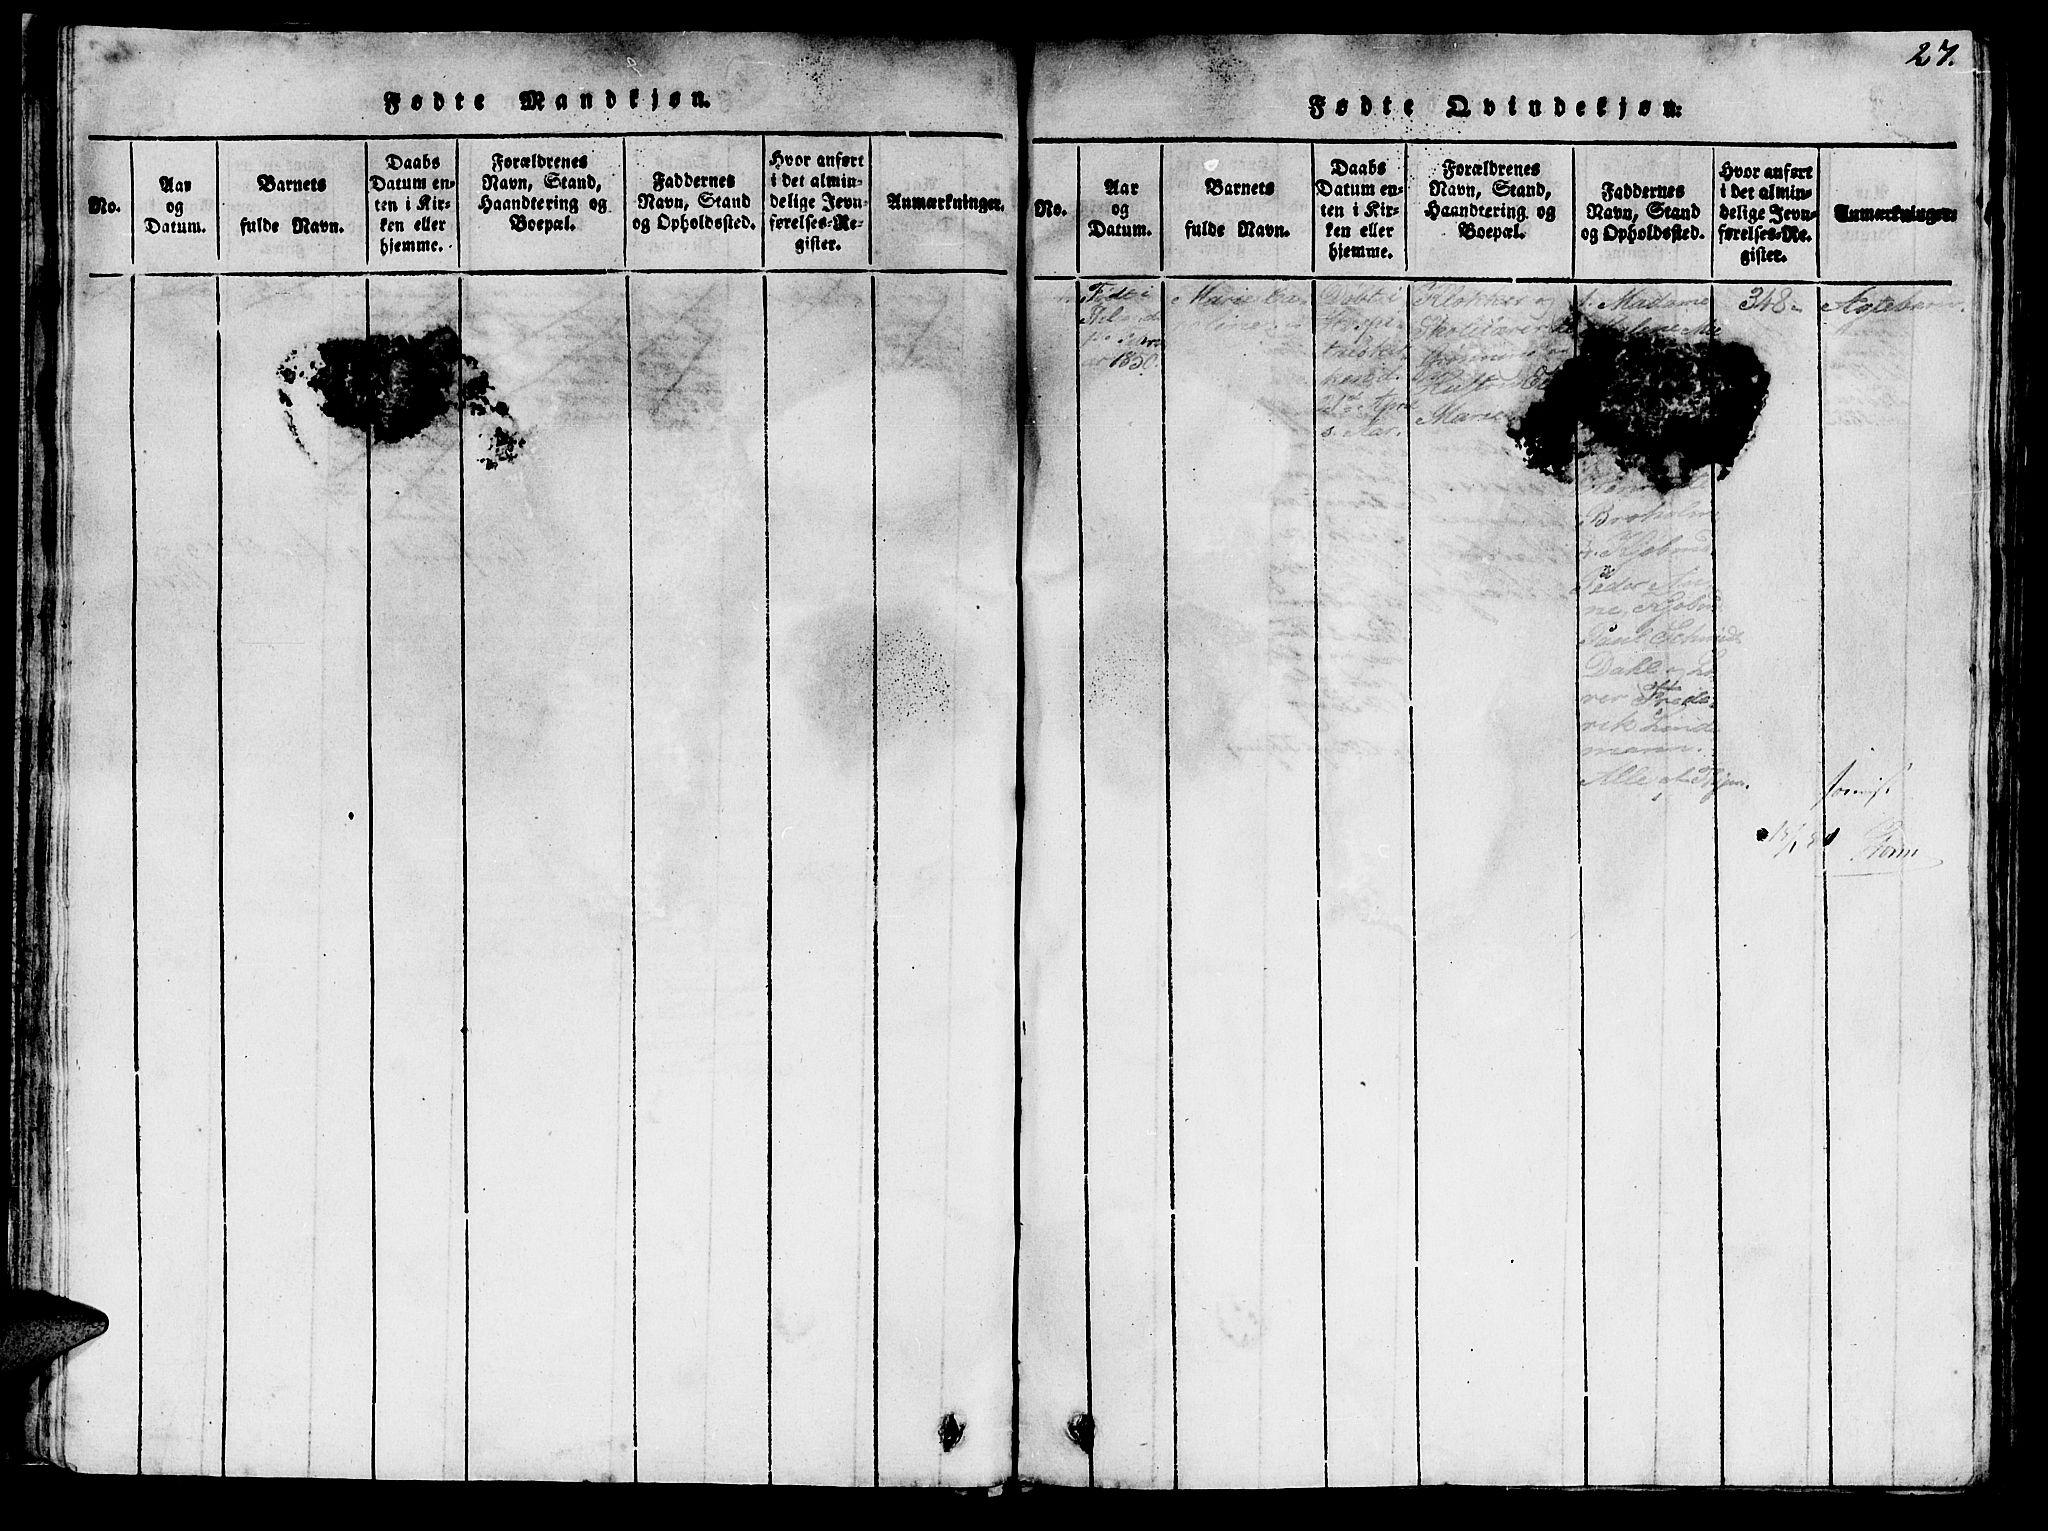 SAT, Ministerialprotokoller, klokkerbøker og fødselsregistre - Sør-Trøndelag, 623/L0478: Klokkerbok nr. 623C01, 1815-1873, s. 27